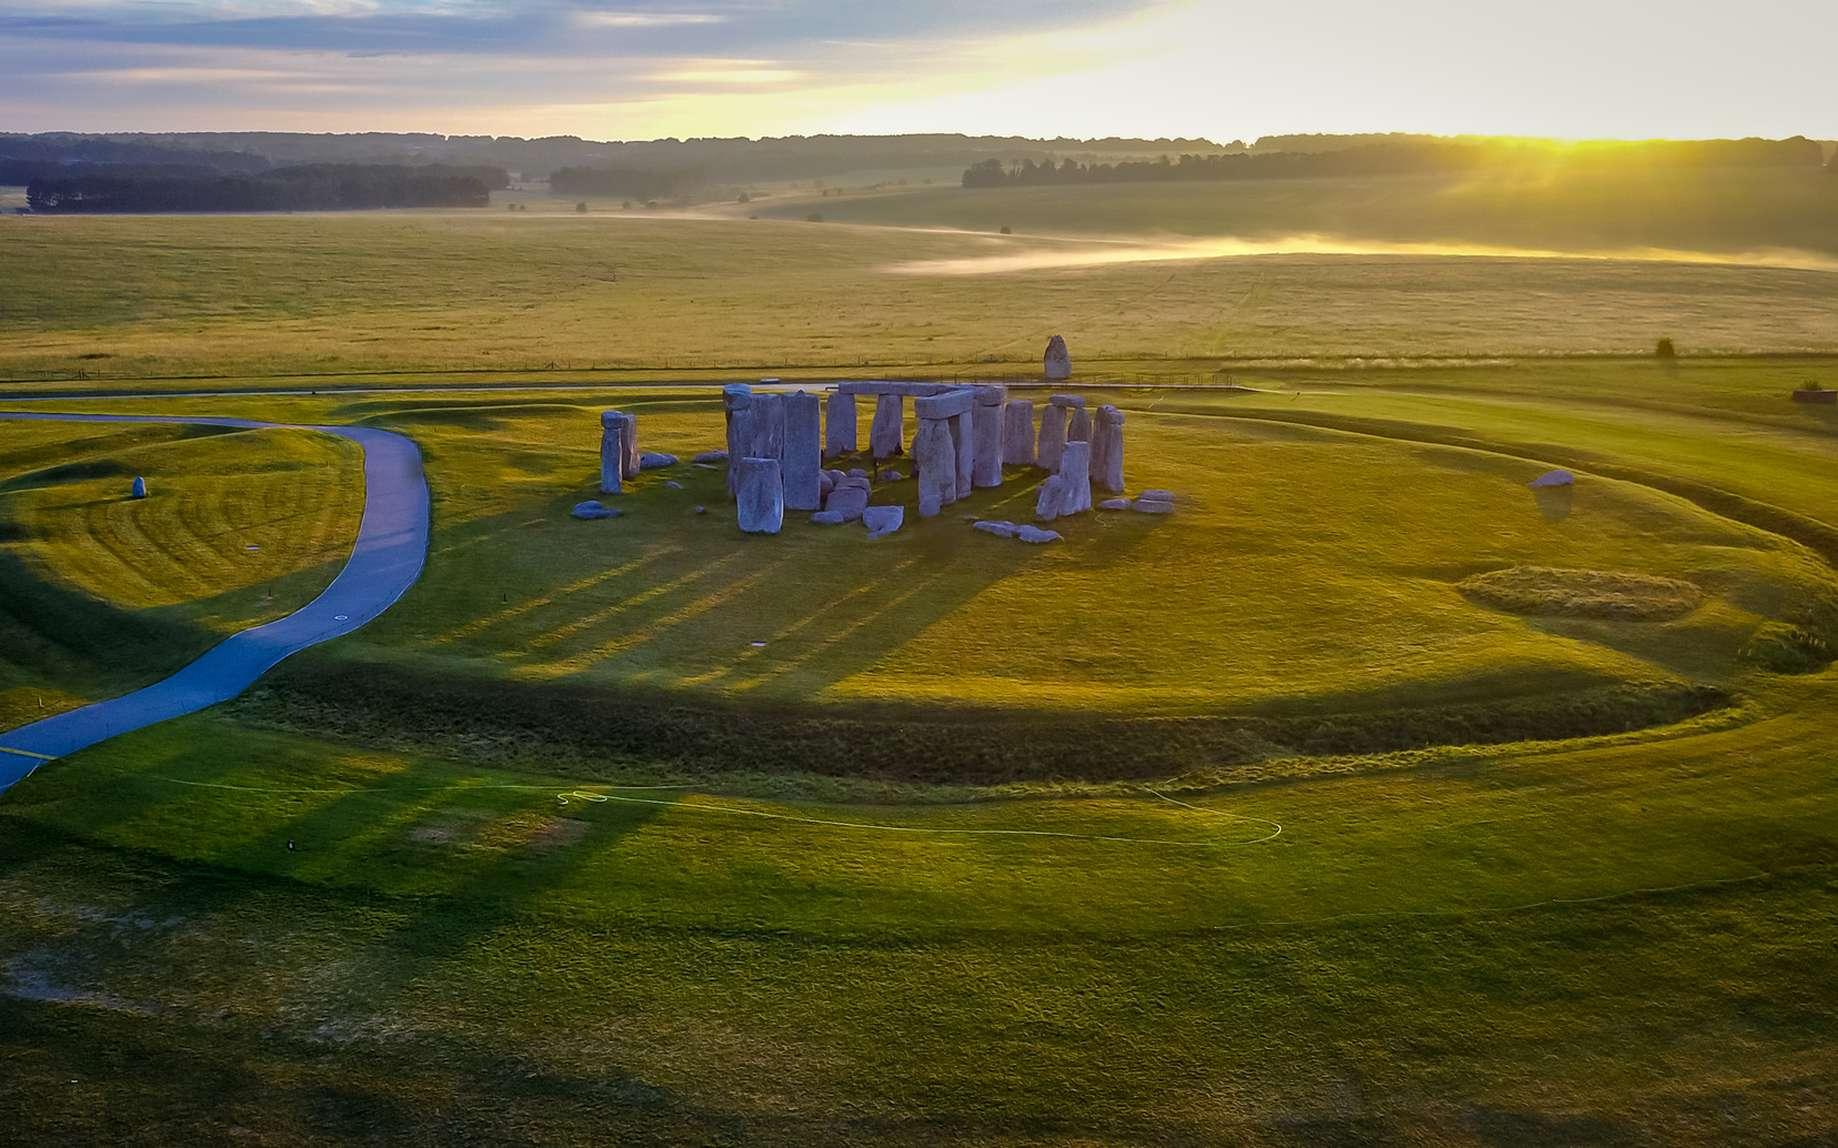 Les premières structures mégalithiques seraient apparues en Bretagne (France). Ici, le site de Stonehenge au lever du Soleil. © Nicholas, Fotolia